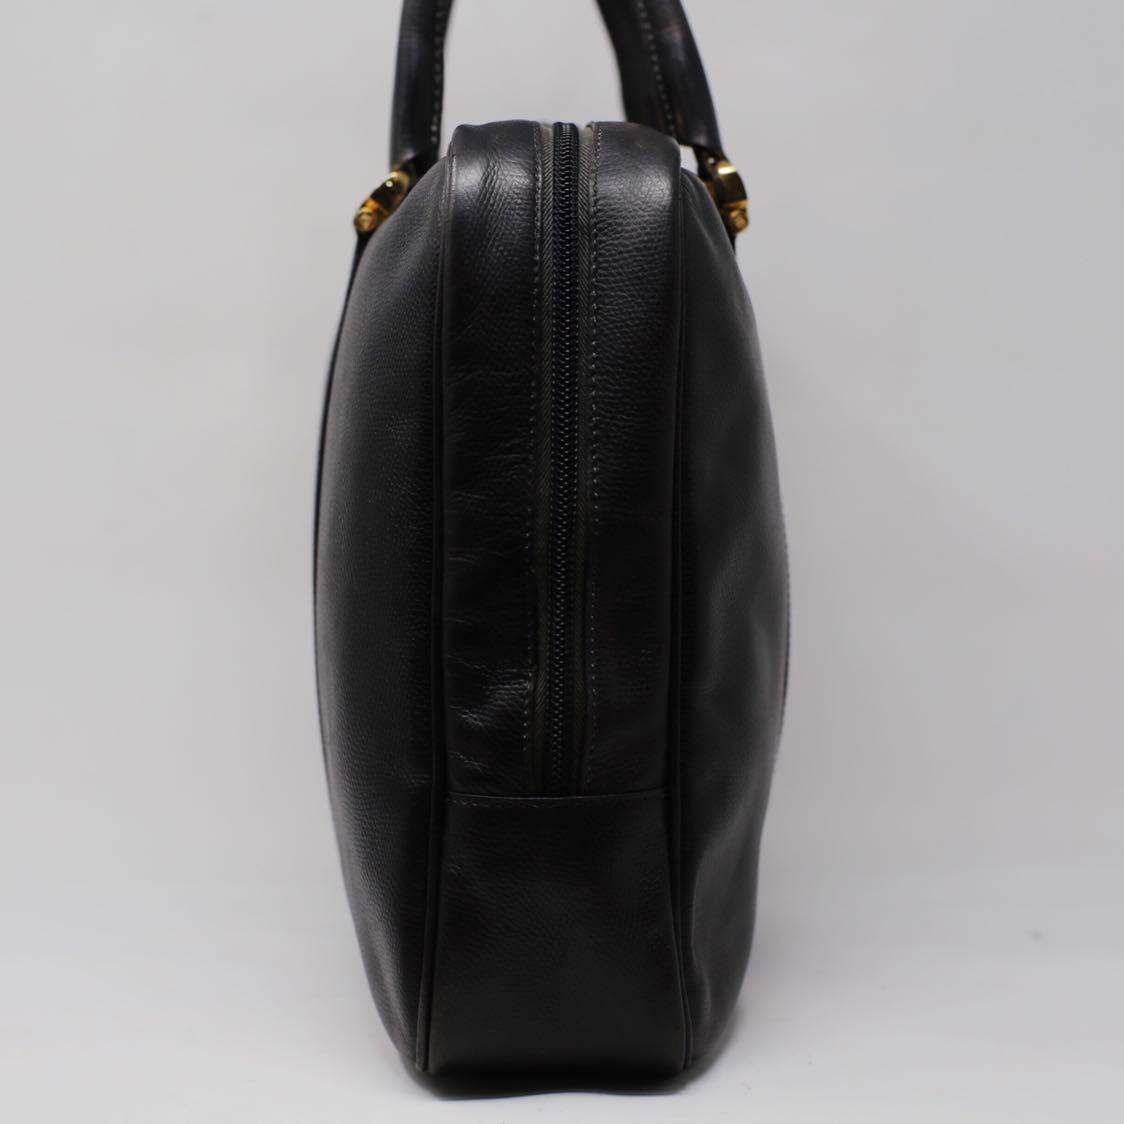 極美品 美品 A4収納 PC収納 LOEWE ロエベ ビジネスバッグ ブリーフケース 25万 メンズ カーフ レザー本革 黒 ブラック バッグ ビンテージ_画像3